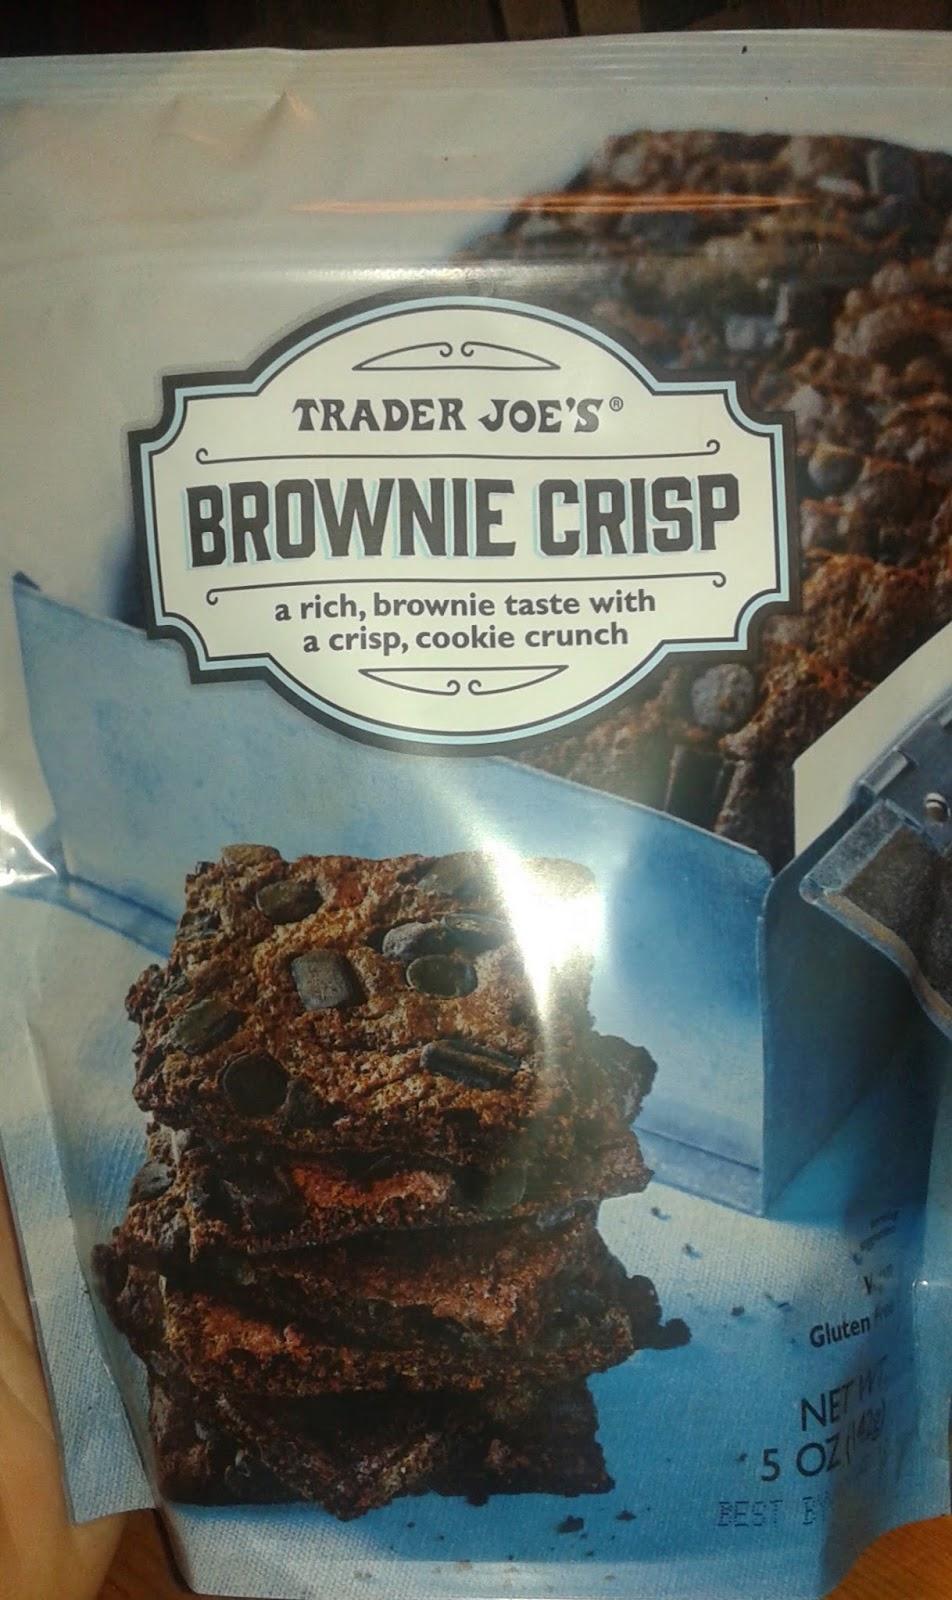 What's Good at Trader Joe's?: Trader Joe's Brownie Crisp